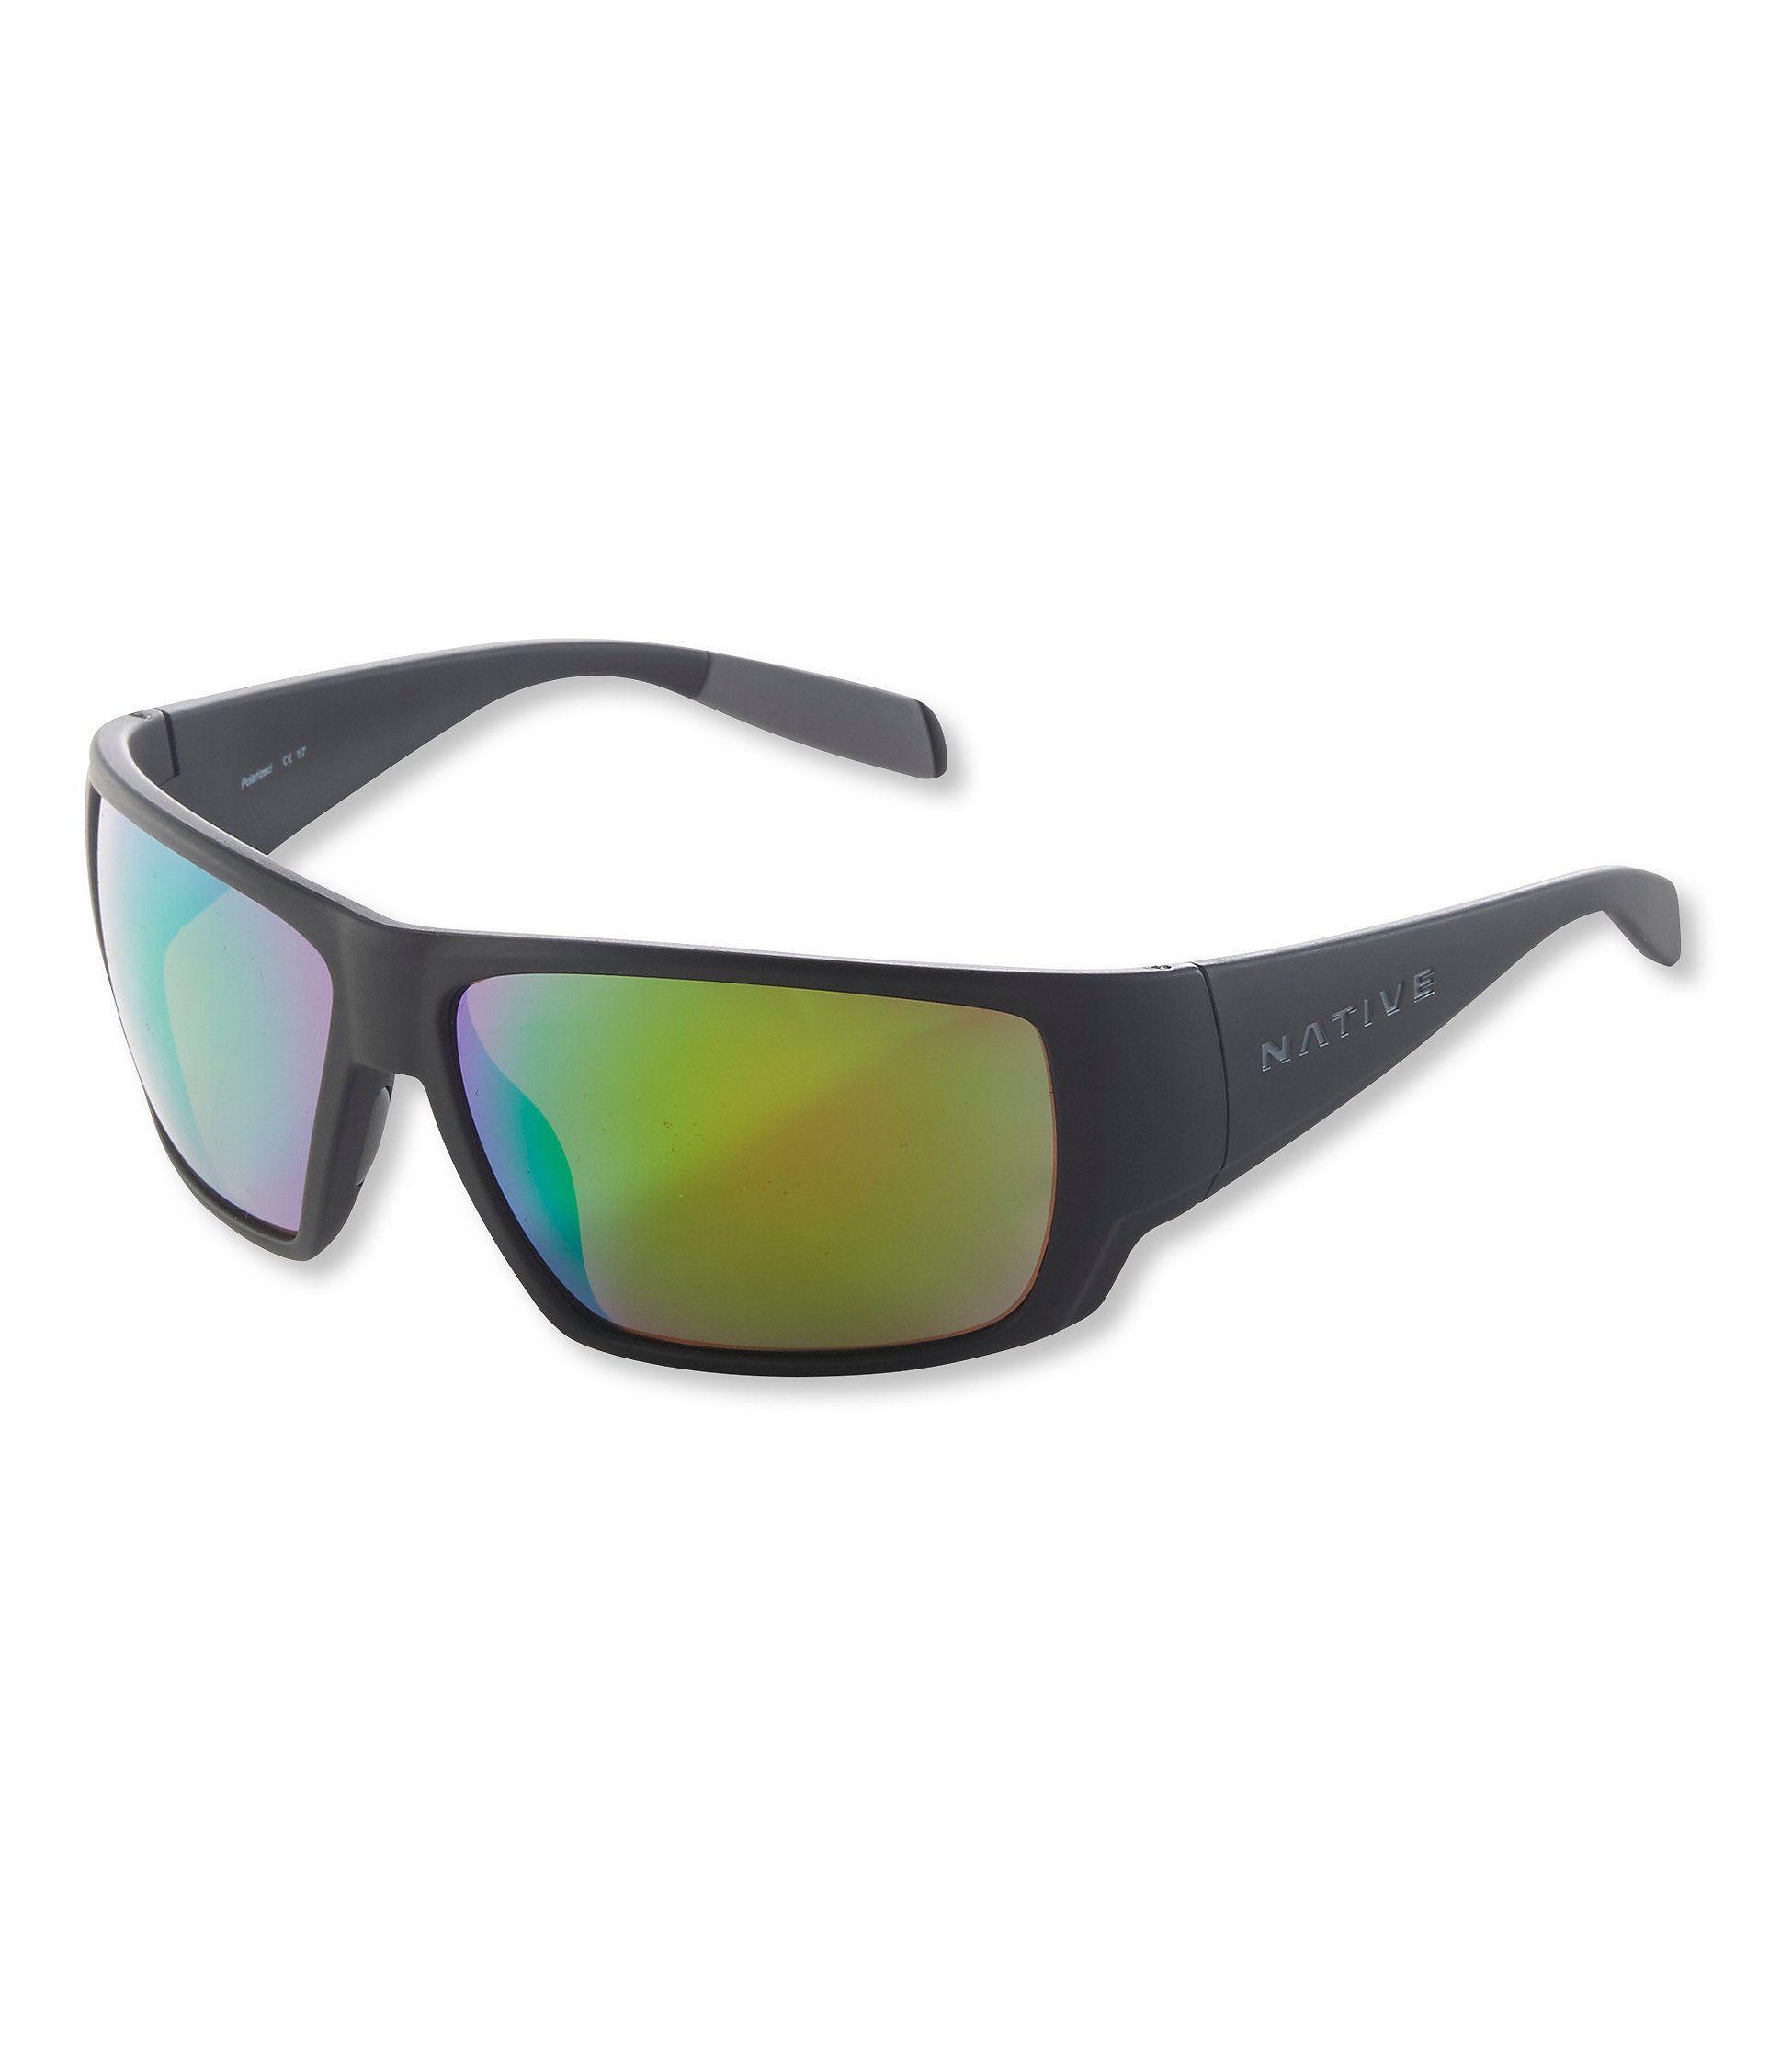 e406d24cbe Native Sightcaster Polarized Fishing Sunglasses